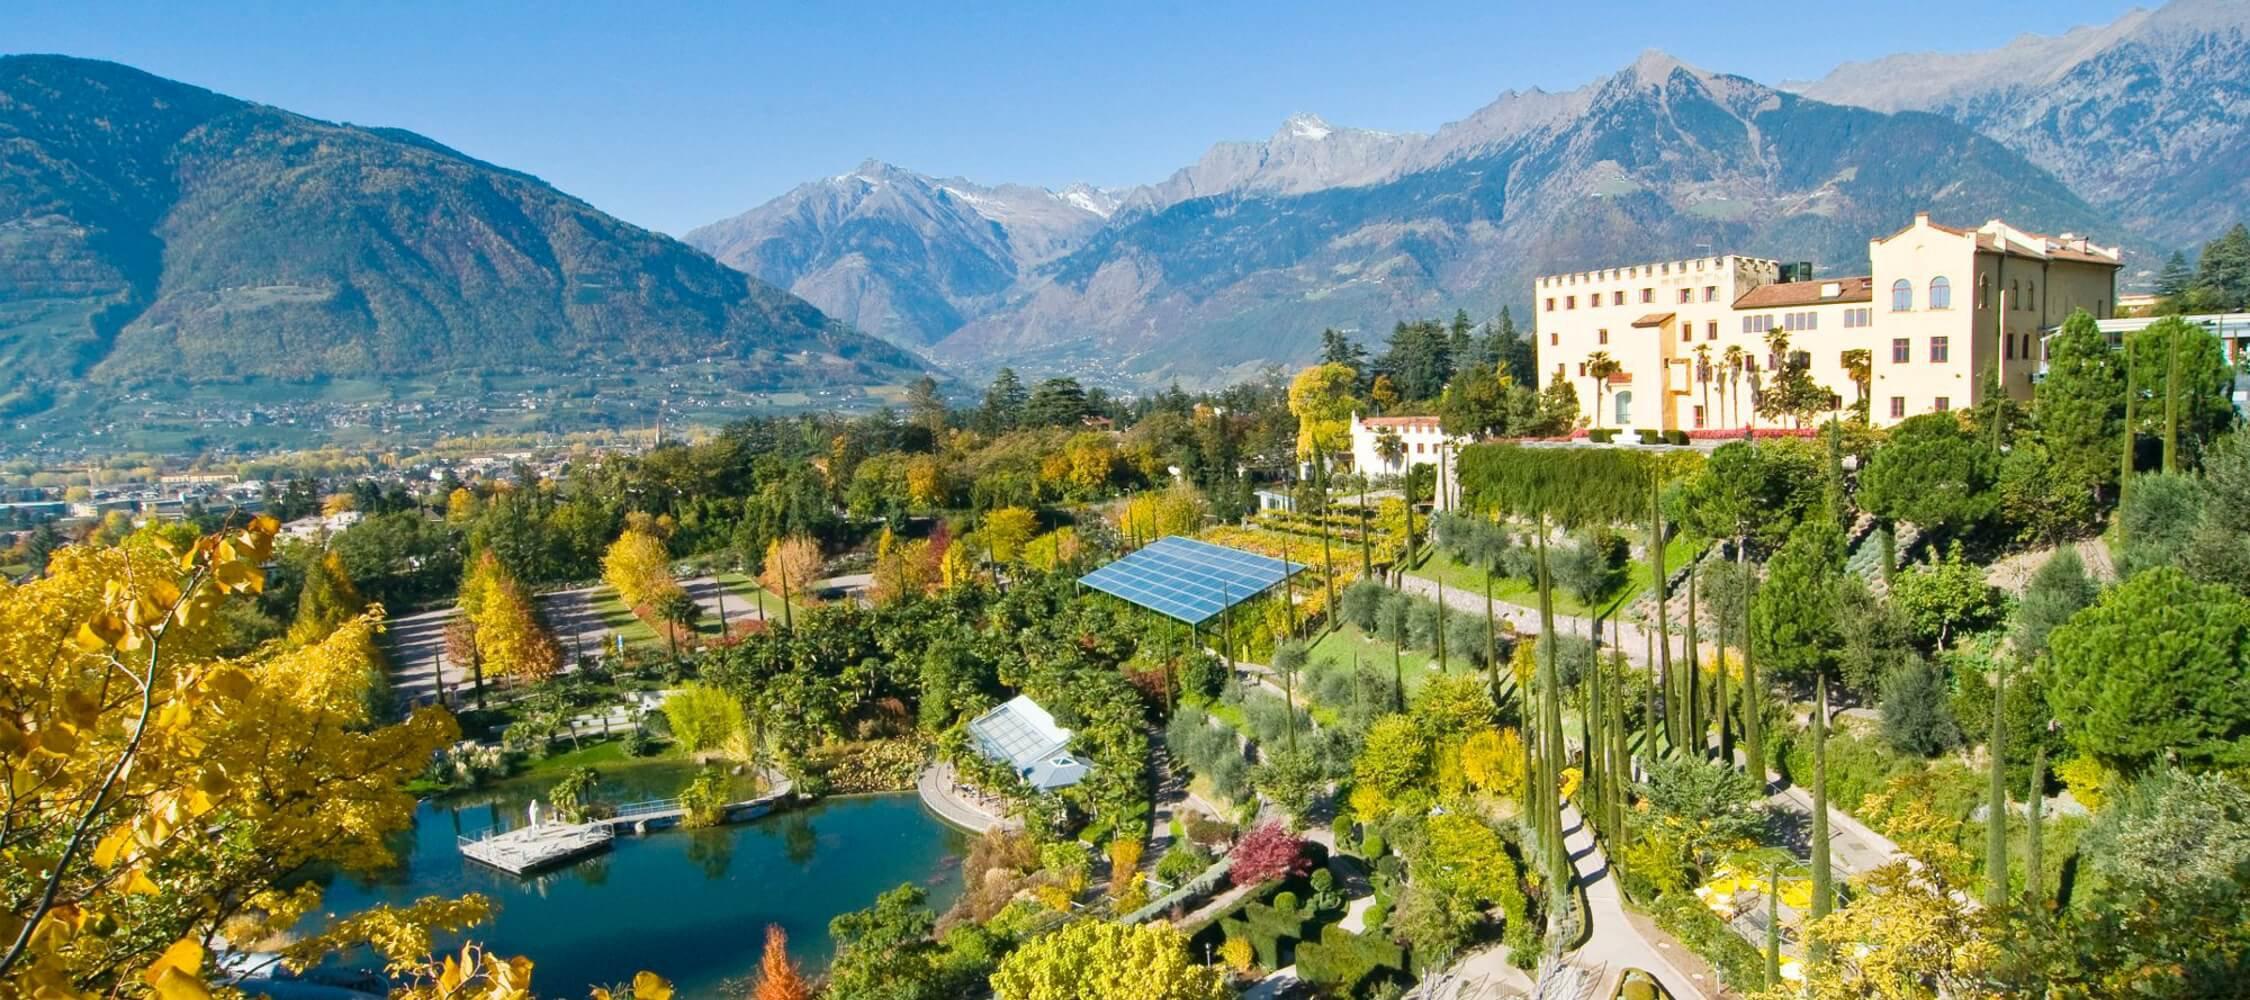 Italien-Trentino_Suedtirol_Alto_Adige_Merano_Meran_Natur_Besichtigen_Botanischer_Garten_Gaerten_von_Schloss_Trauttmansdorff-Herbst_2250x1000